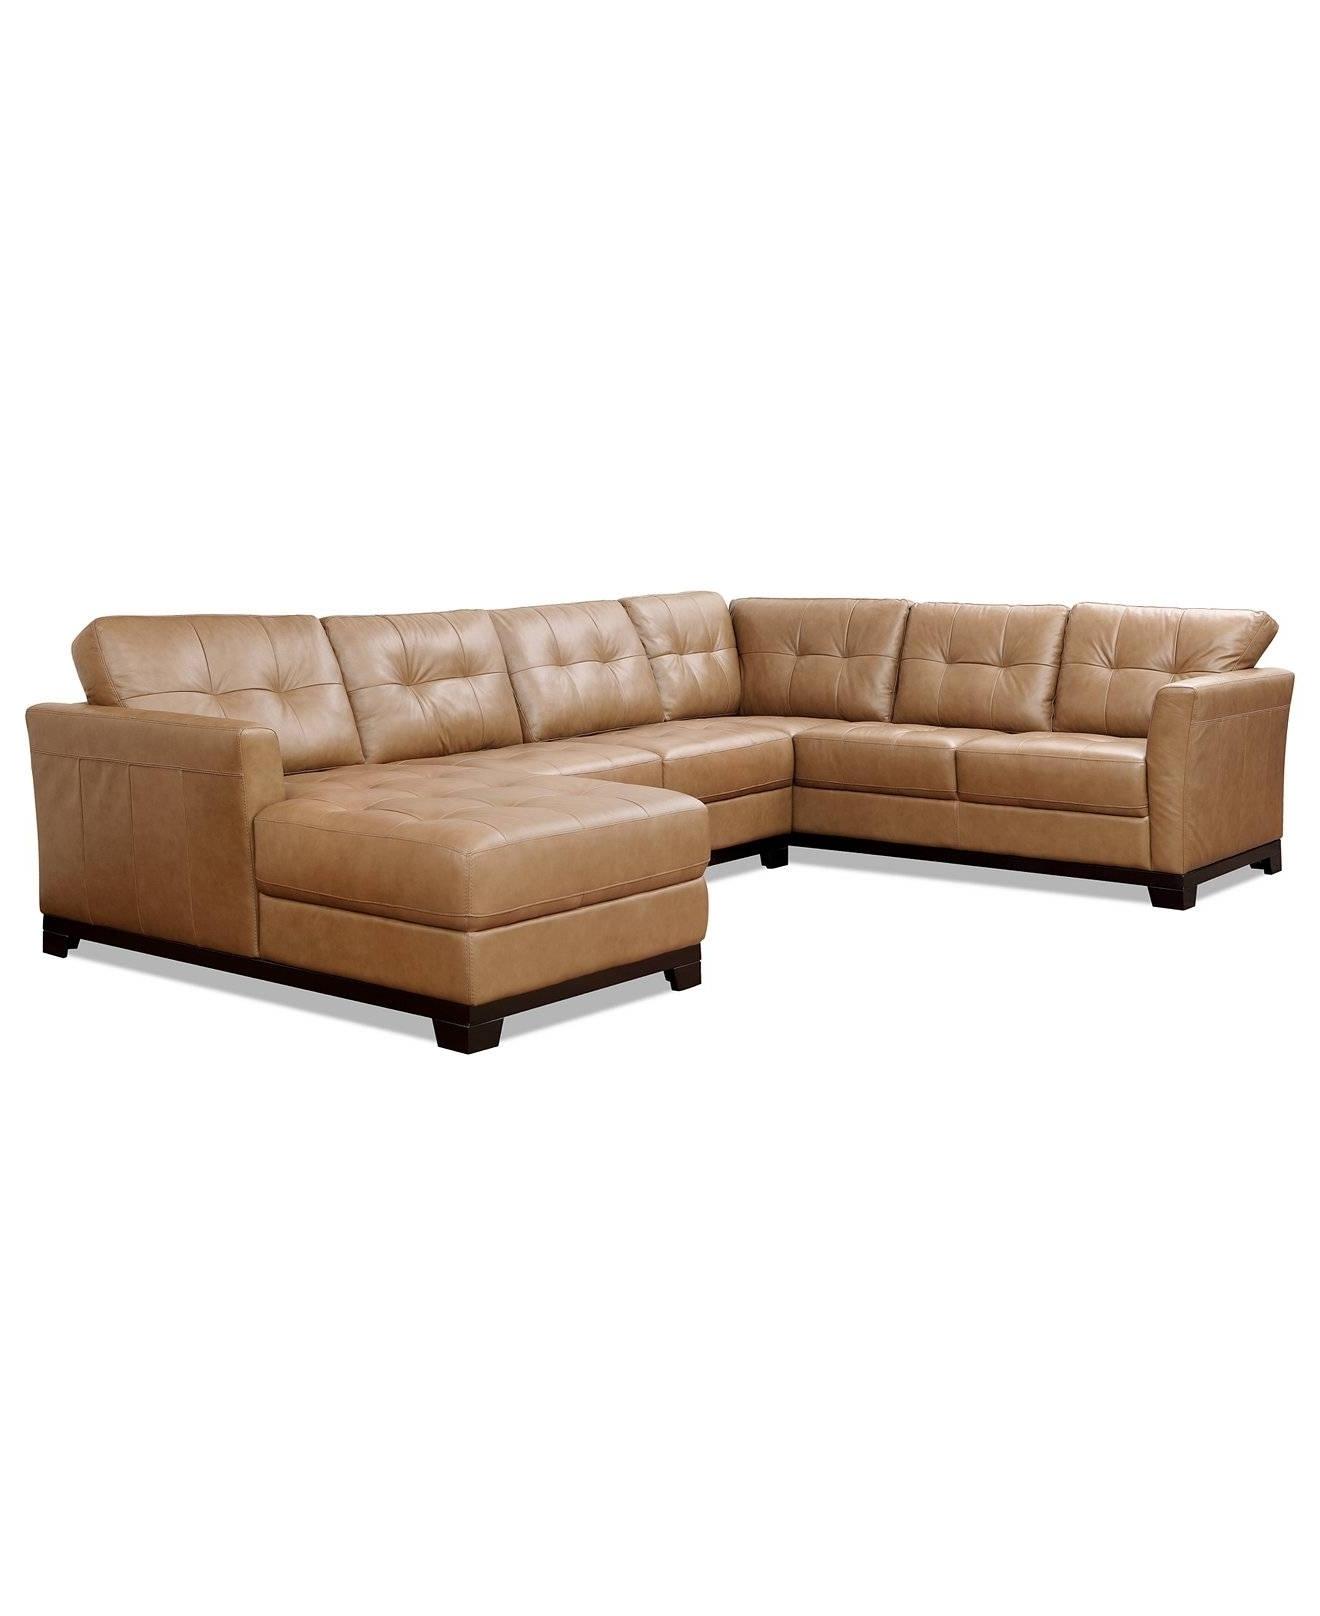 fashionable leather sectional sofa macys e280a2 leather sofa inside macys leather sectional sofas